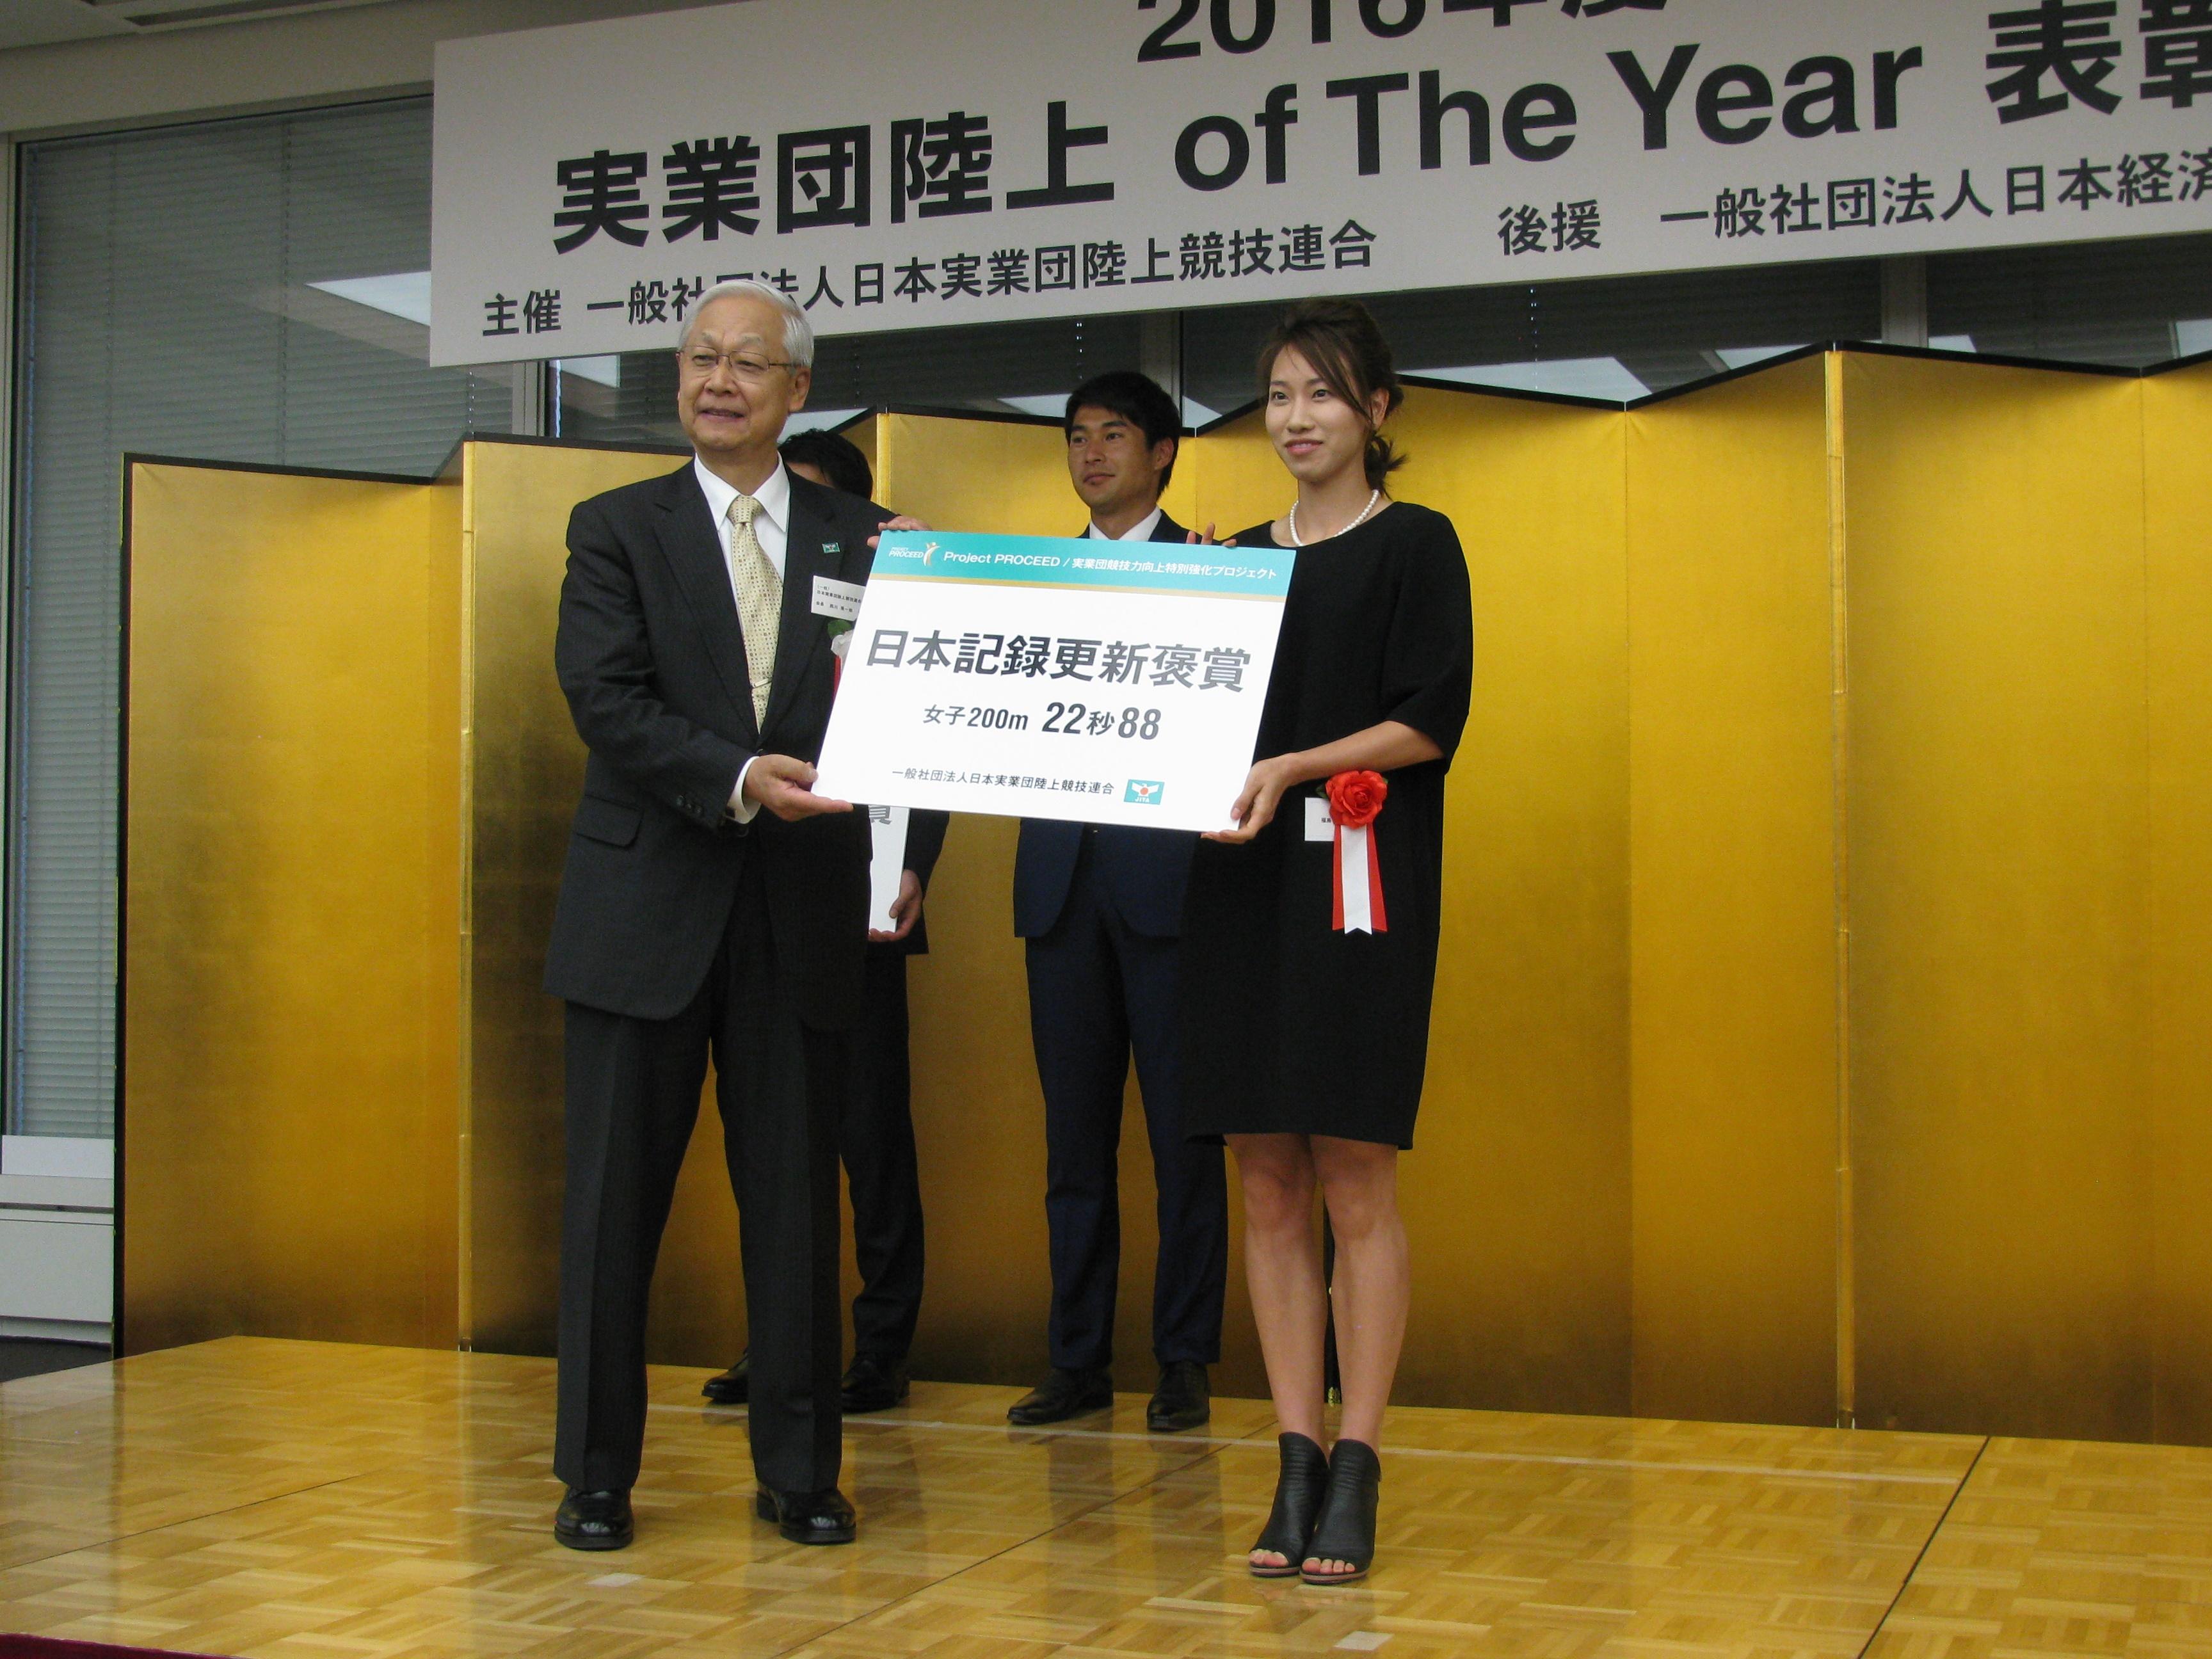 【福島千里】2016年実業団陸上 of the year受賞のお知らせ